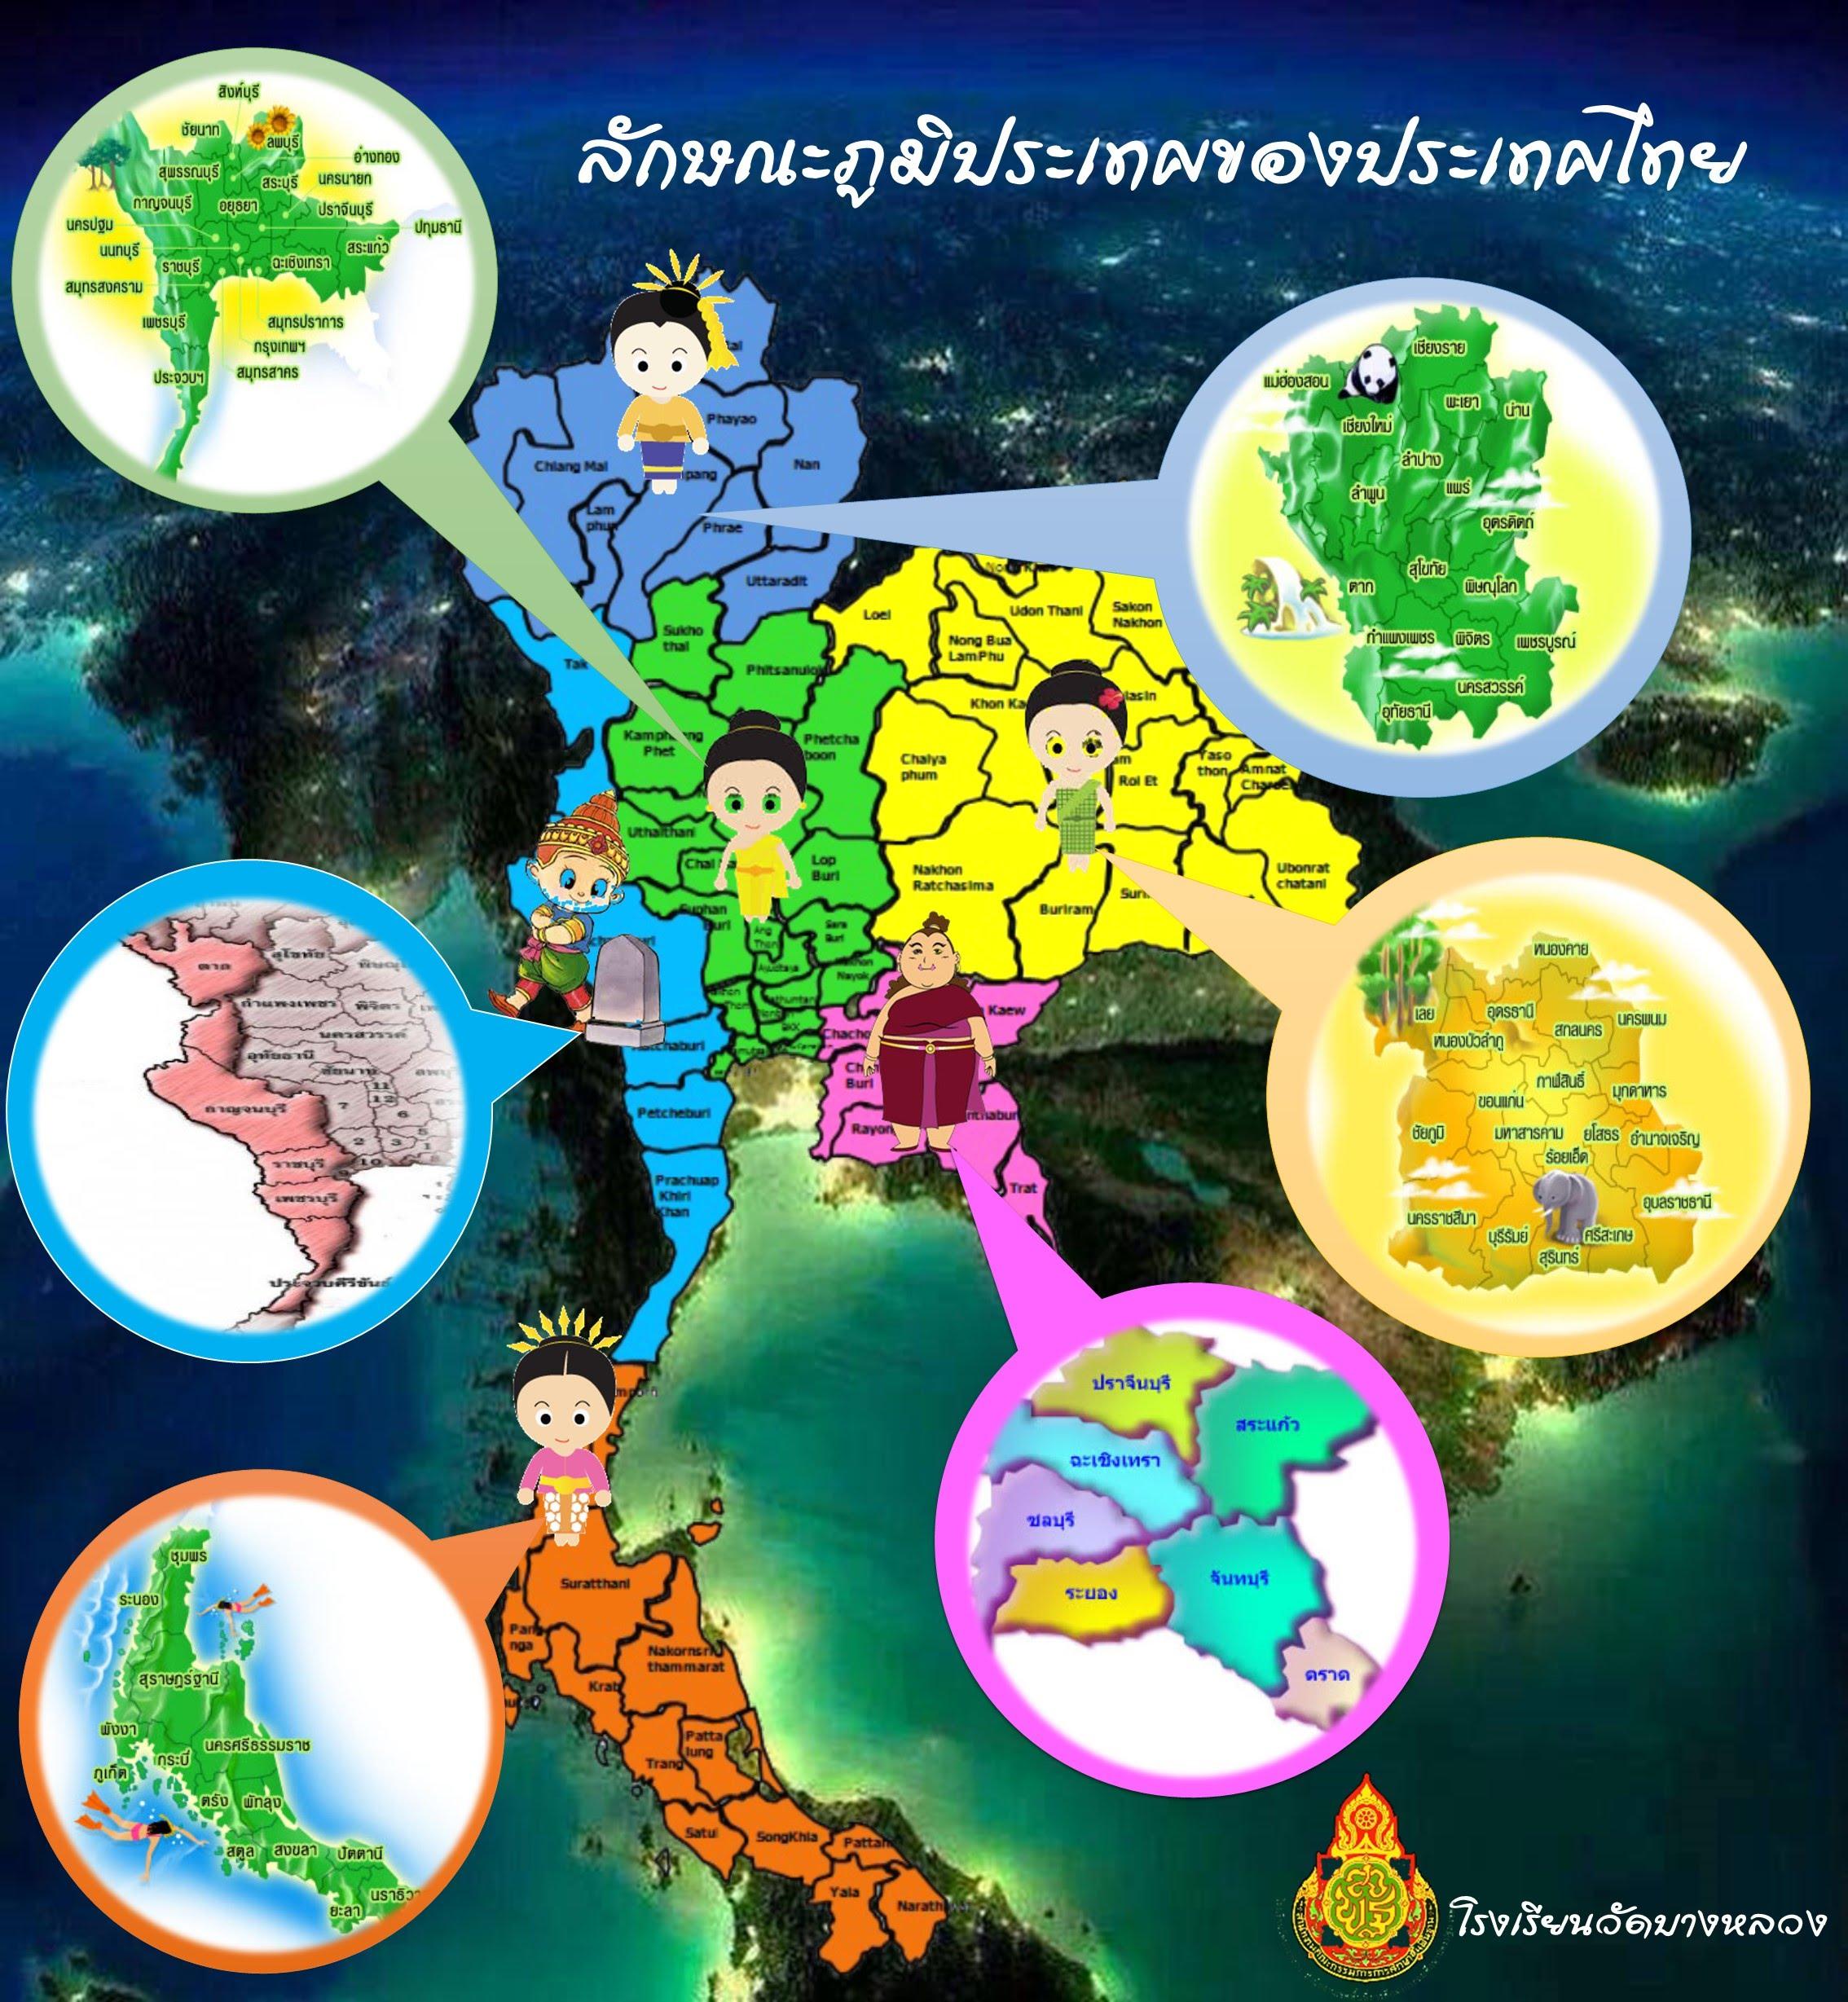 https://sites.google.com/a/hi-supervisory5.net/npt2/infographic/sangkhm/1.1.JPG?attredirects=0